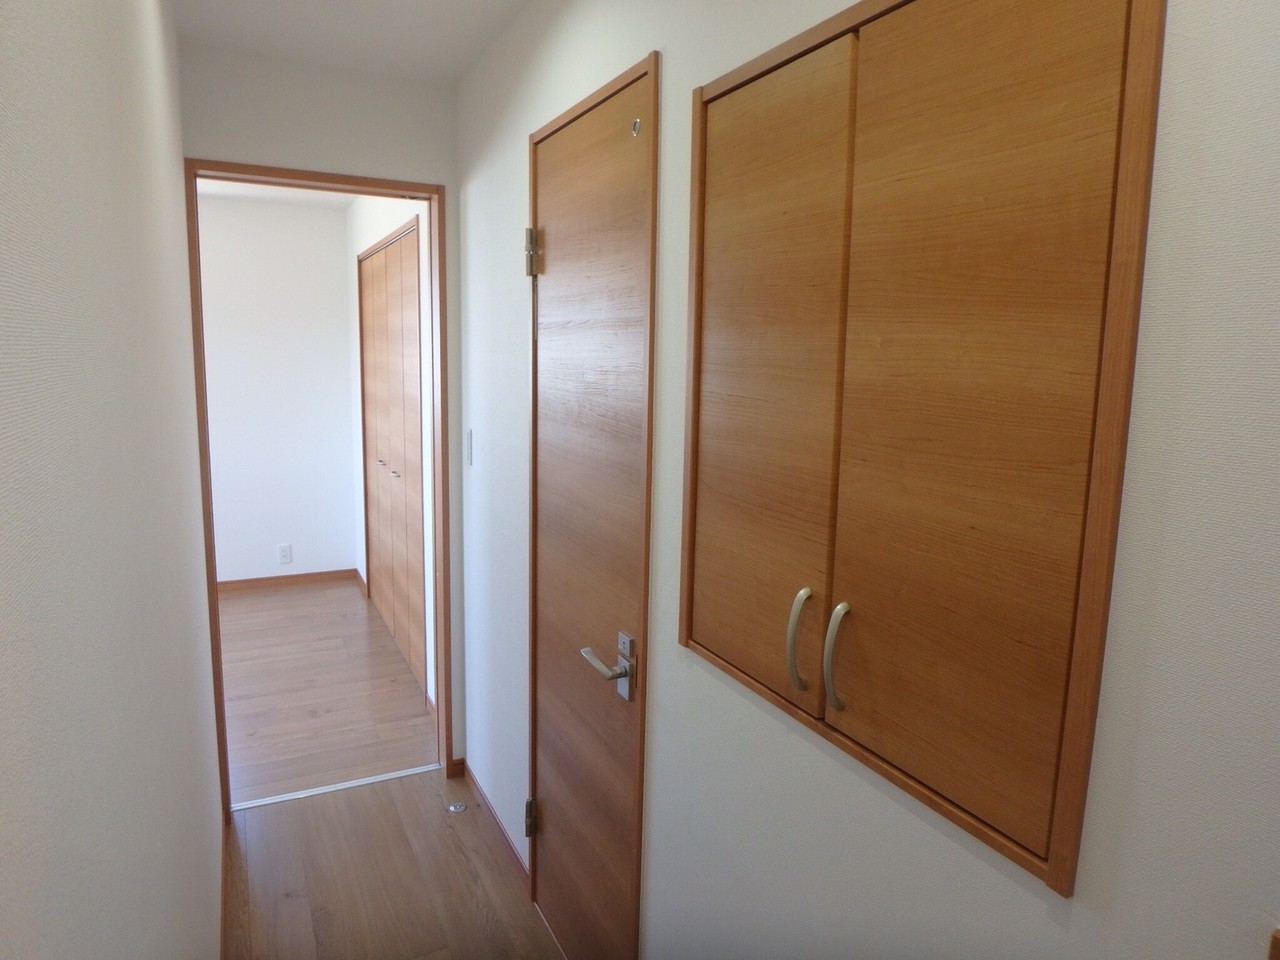 2階の廊下には、スペースを活用した収納棚も完備。 建売にはめずらしい空間を利用した収納力は嬉しいですね。